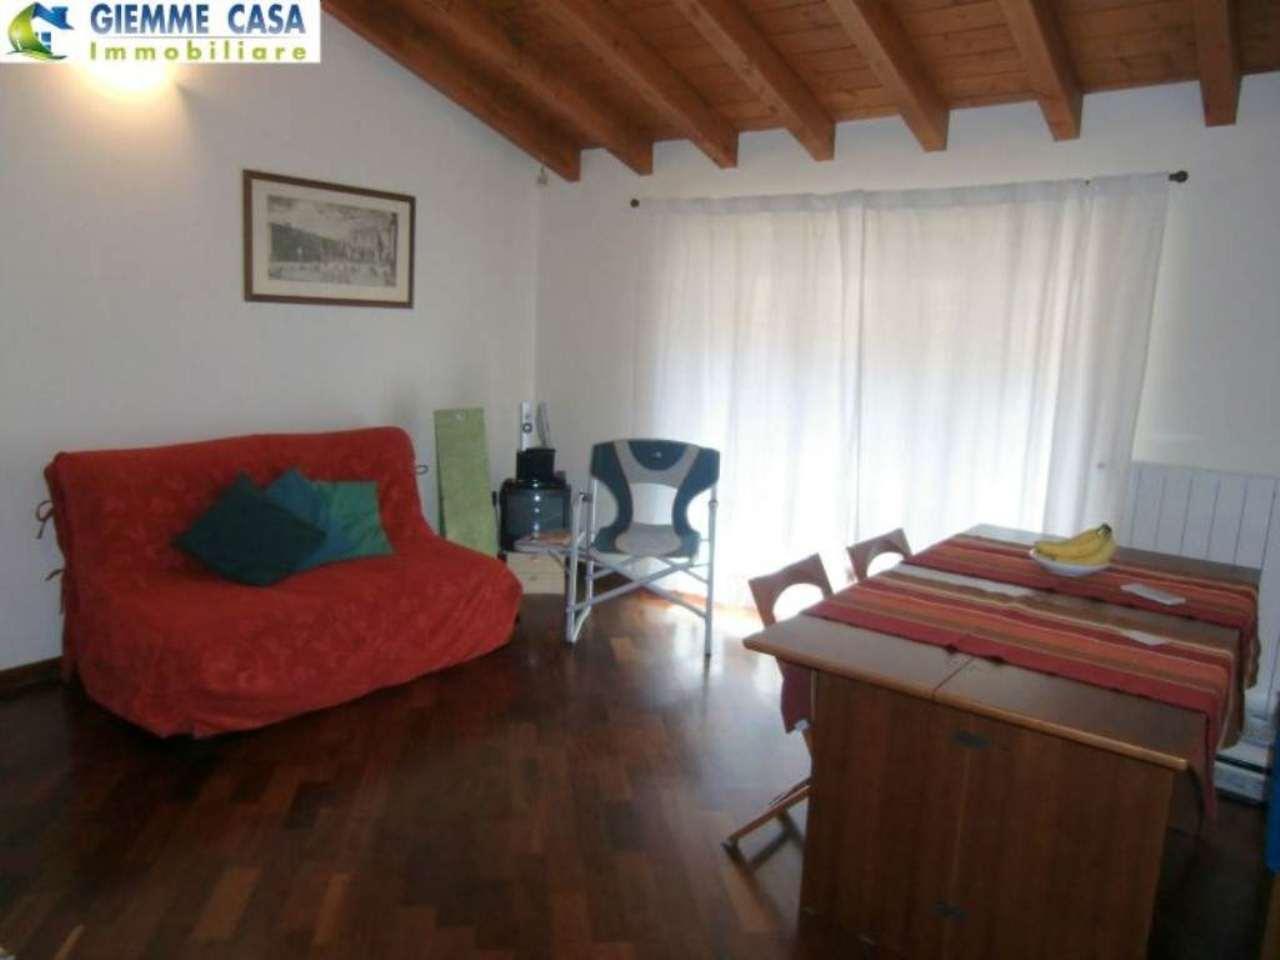 Bilocale Lonato Del Garda Via Montebello 2